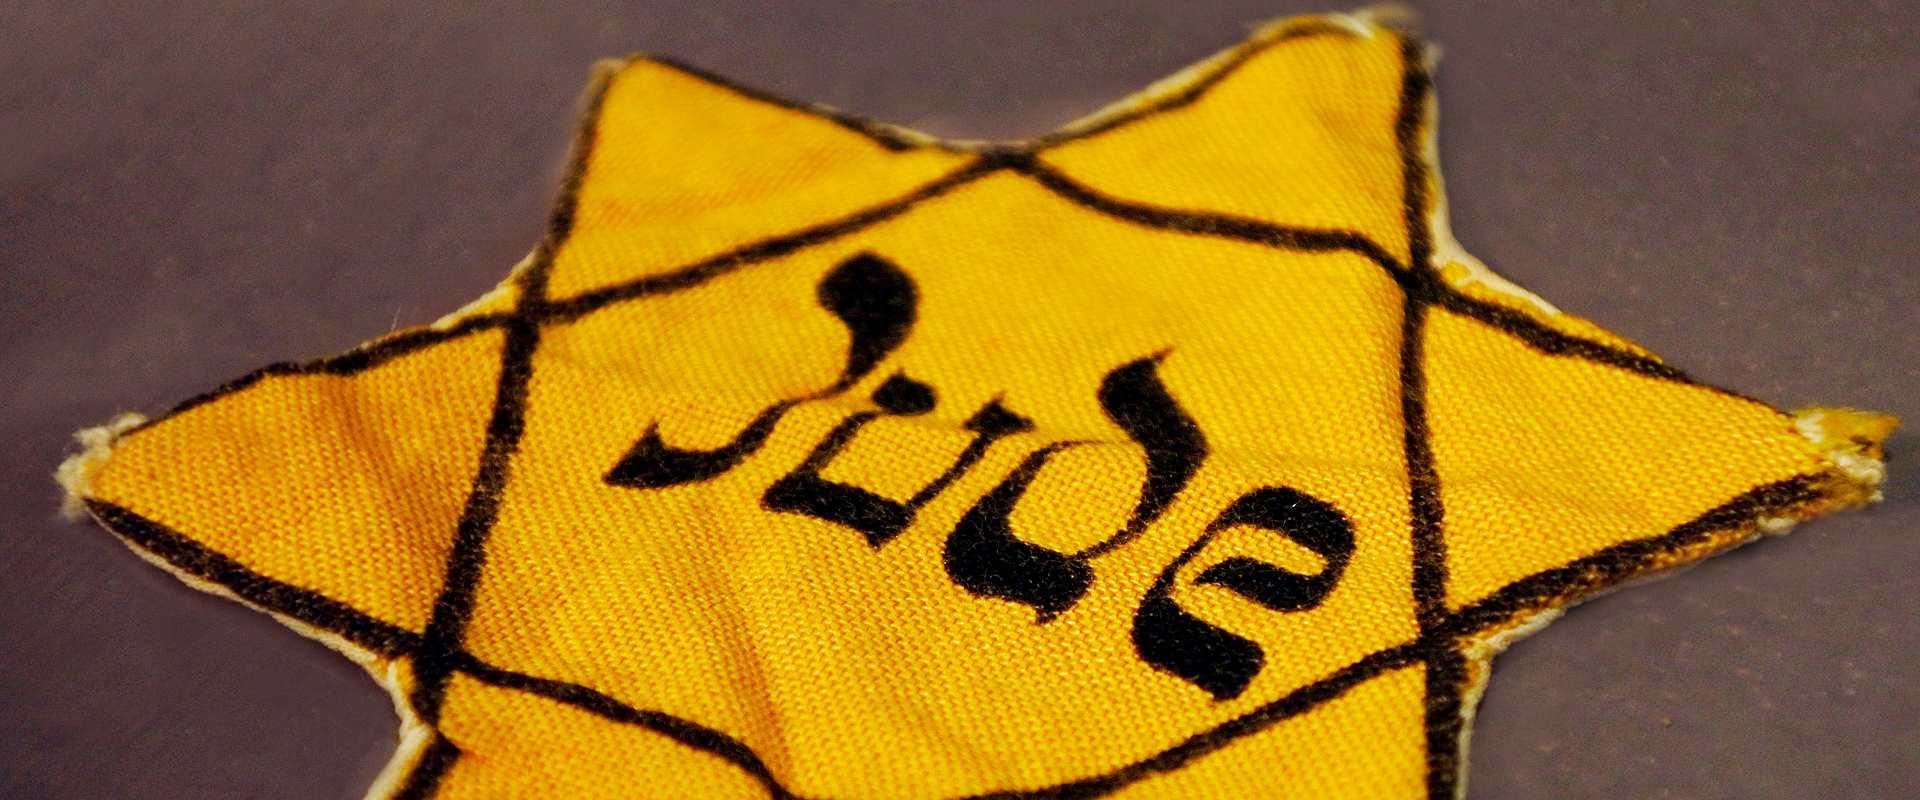 טלאי צהוב